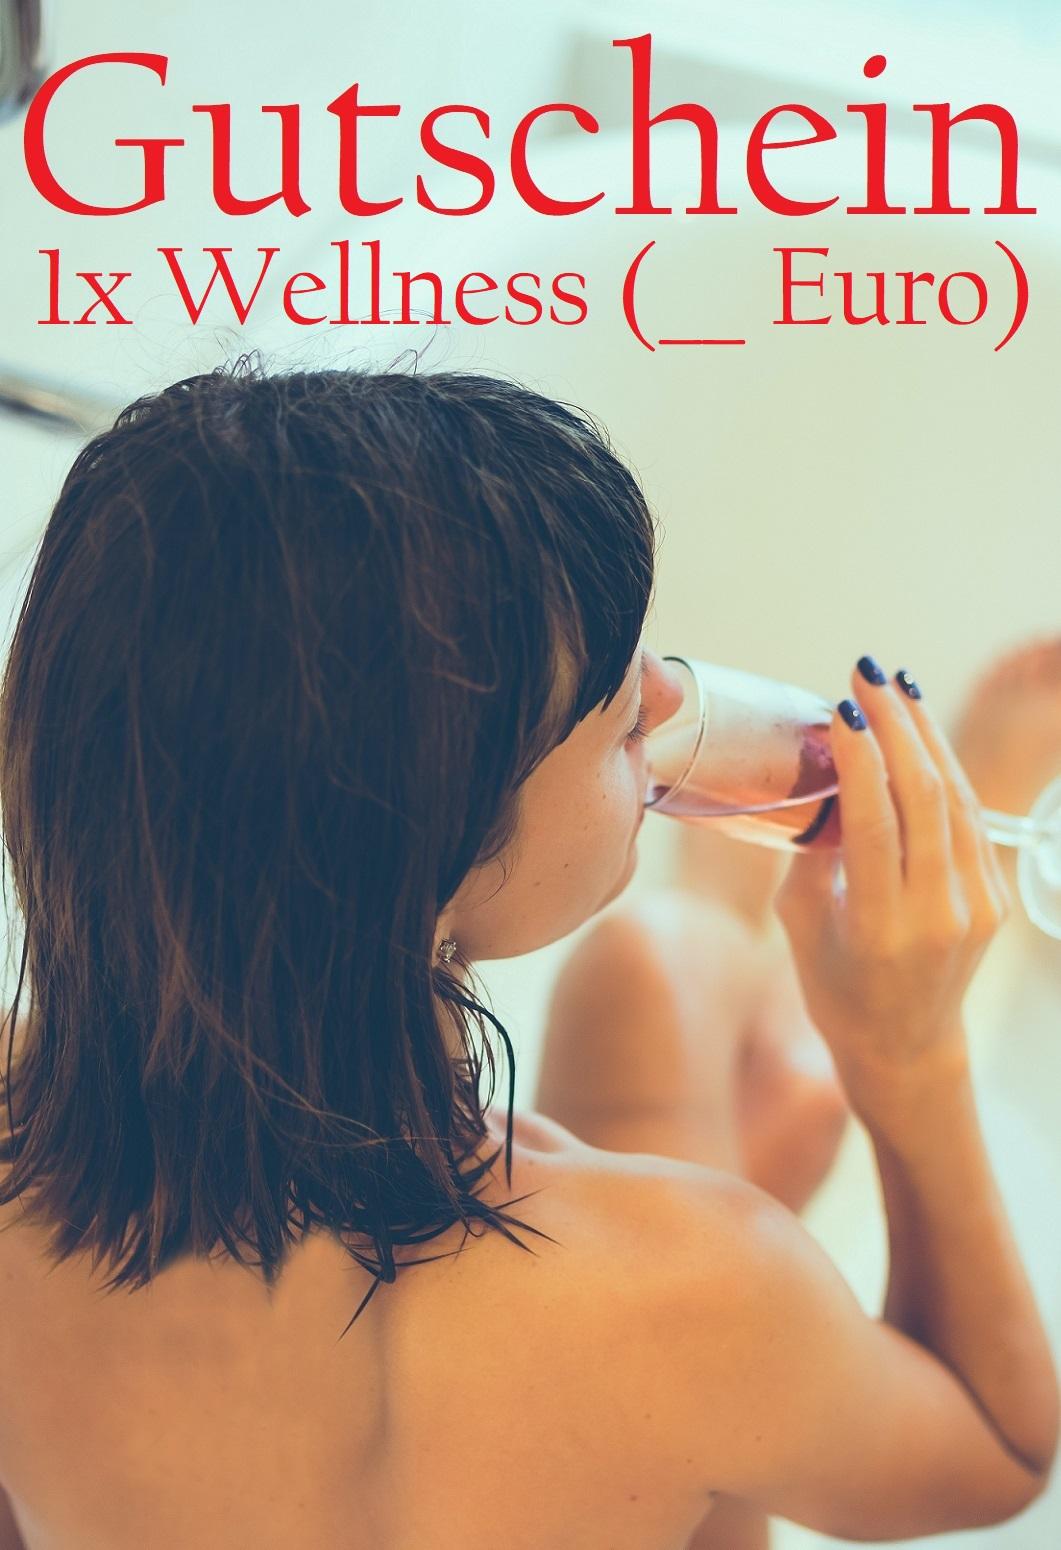 Gutscheinvorlage für Wellness